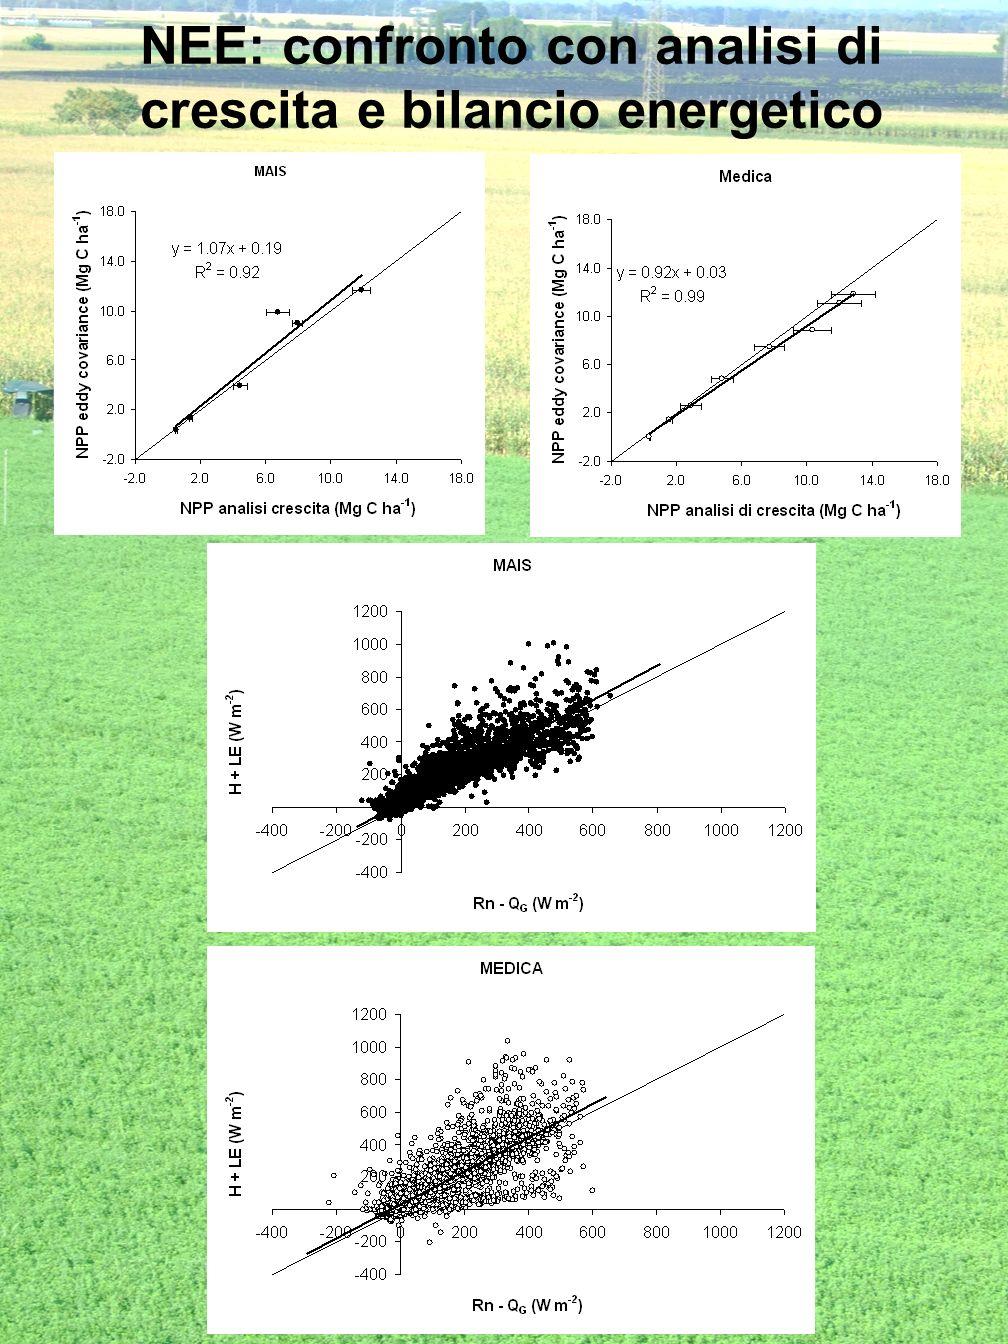 NEE: confronto con analisi di crescita e bilancio energetico